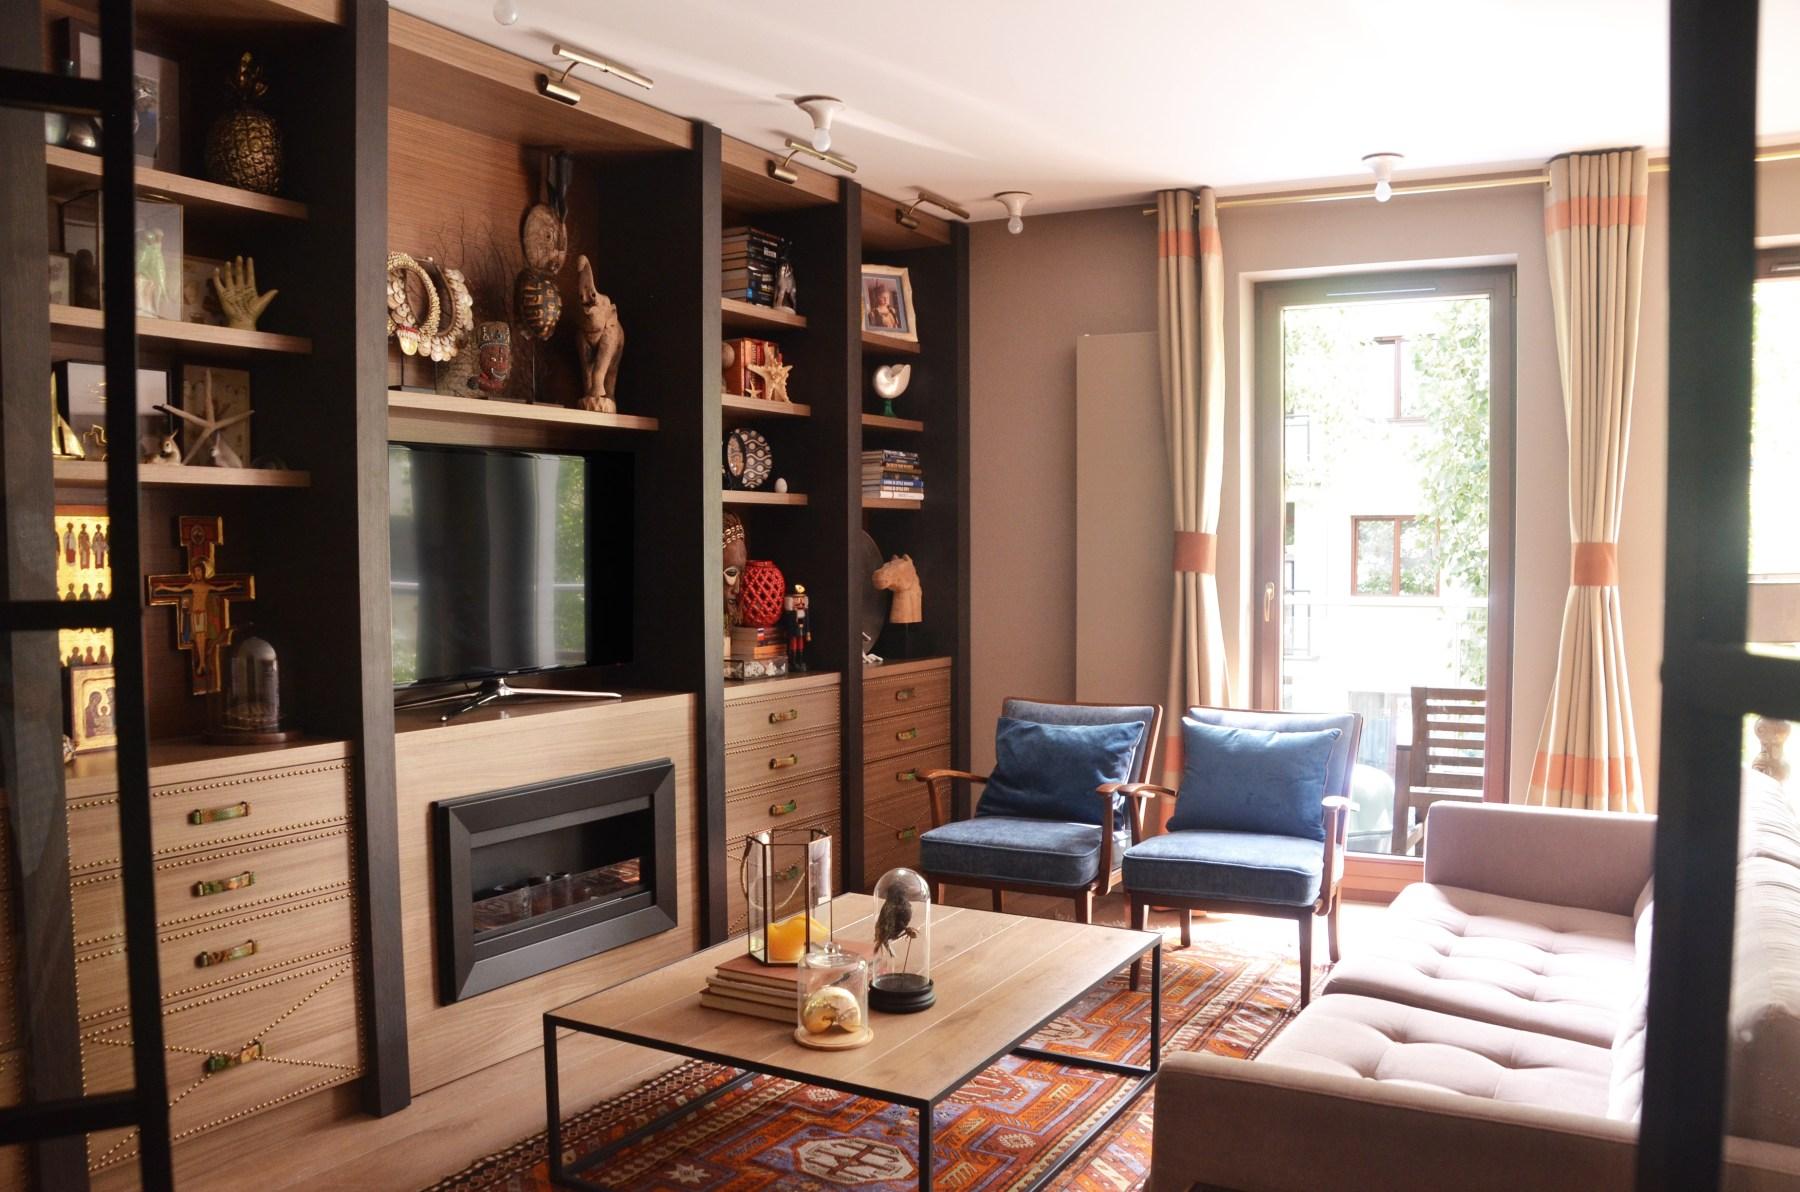 Salon w klimacie vintage połączony z kuchnią i jadalnią